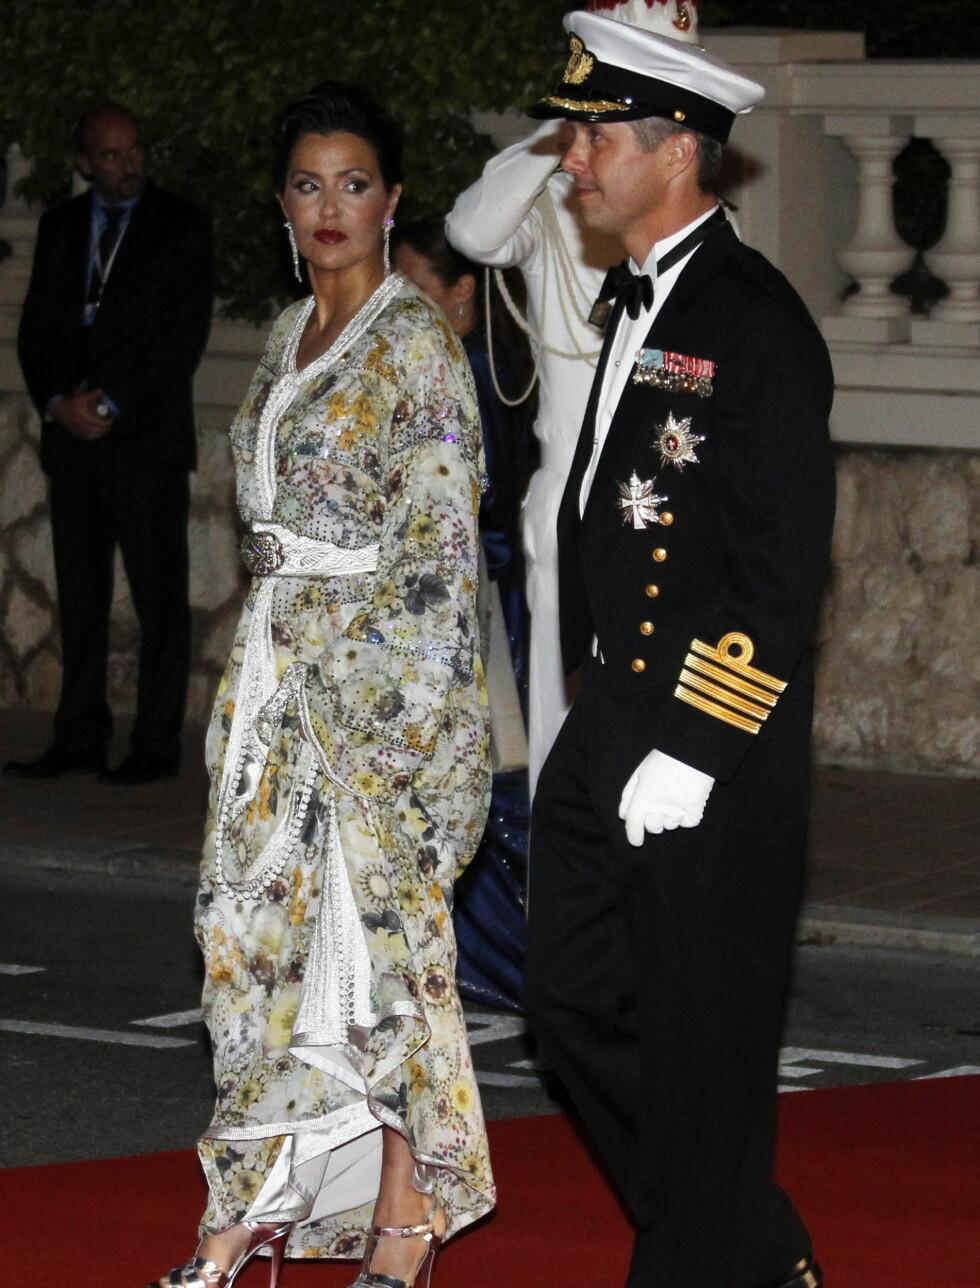 DANSK-MAROKKANSK: Kronprins Frederik av Danmark og prinsesse Lalla Meriem fra Marokko. Foto: Scanpix